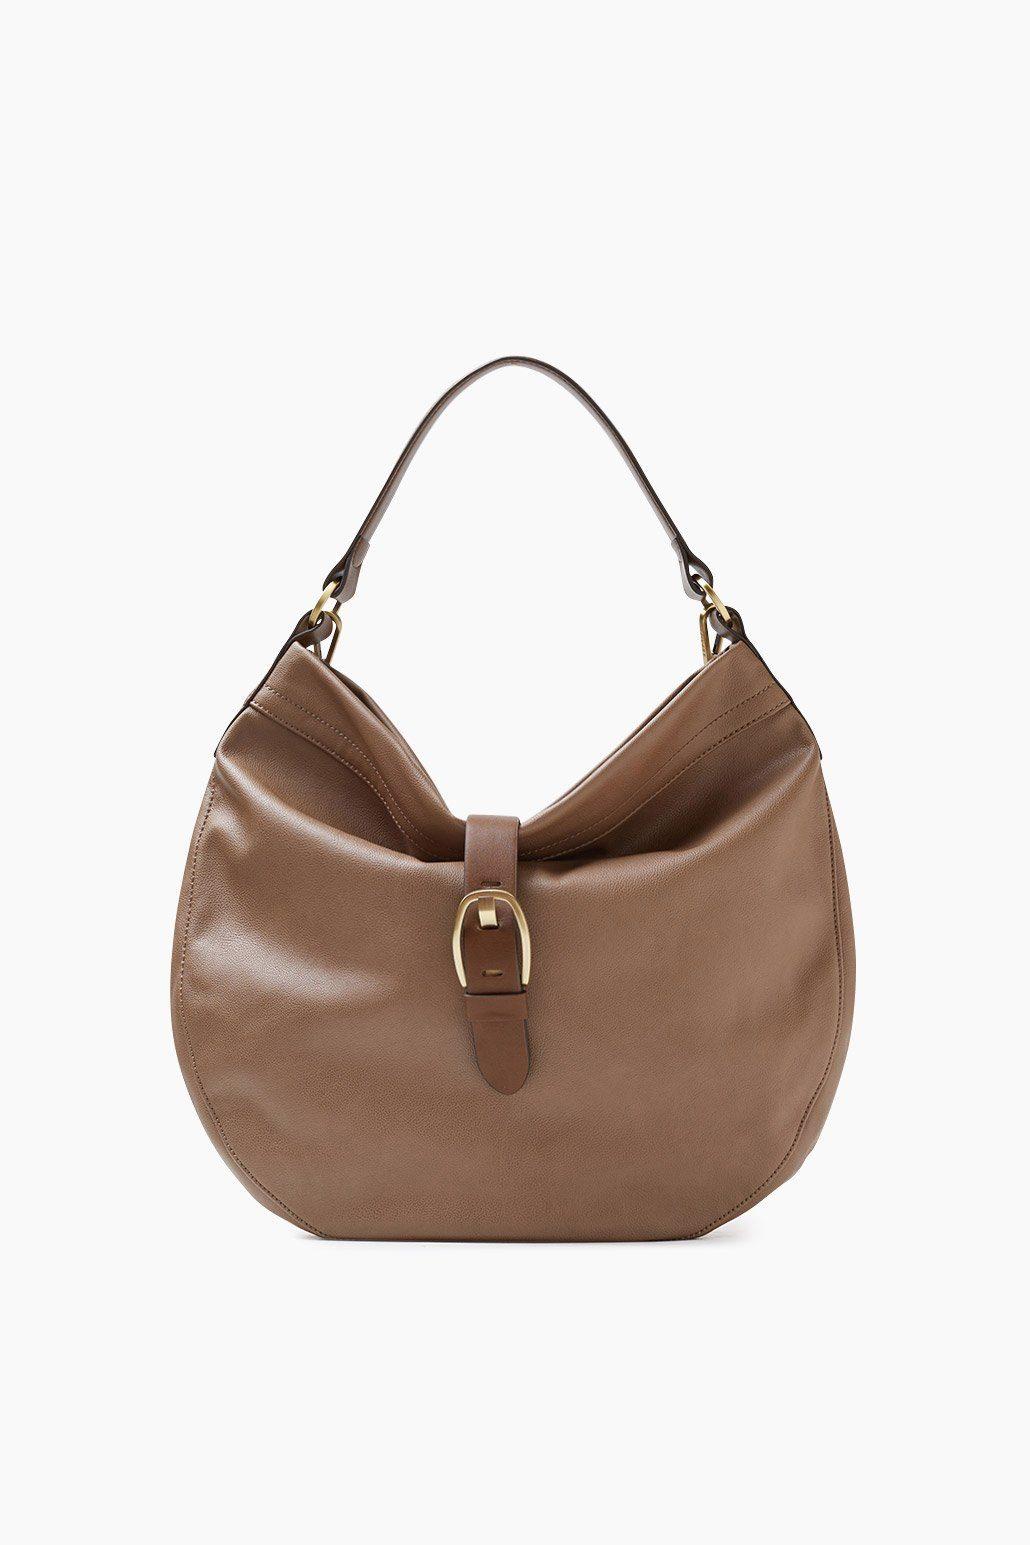 ESPRIT CASUAL Große City Bag in softer Lederoptik